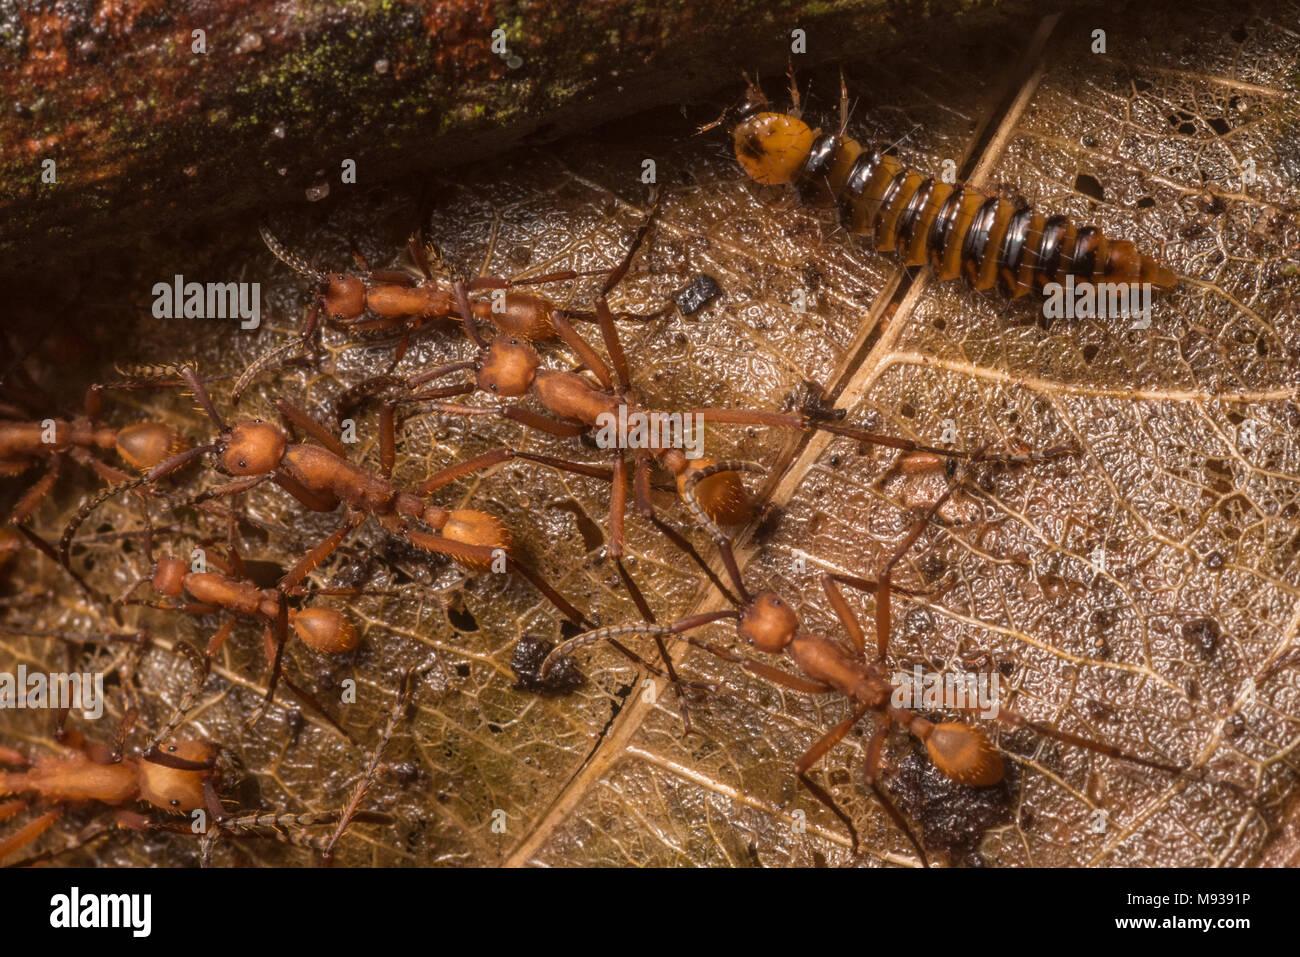 Army hormigas (Eciton sp) se mueven a través del suelo del bosque acompañada por una larva del escarabajo Vatesus rove (sp), una especie de escarabajo encontrado en asociación con hormigas. Imagen De Stock